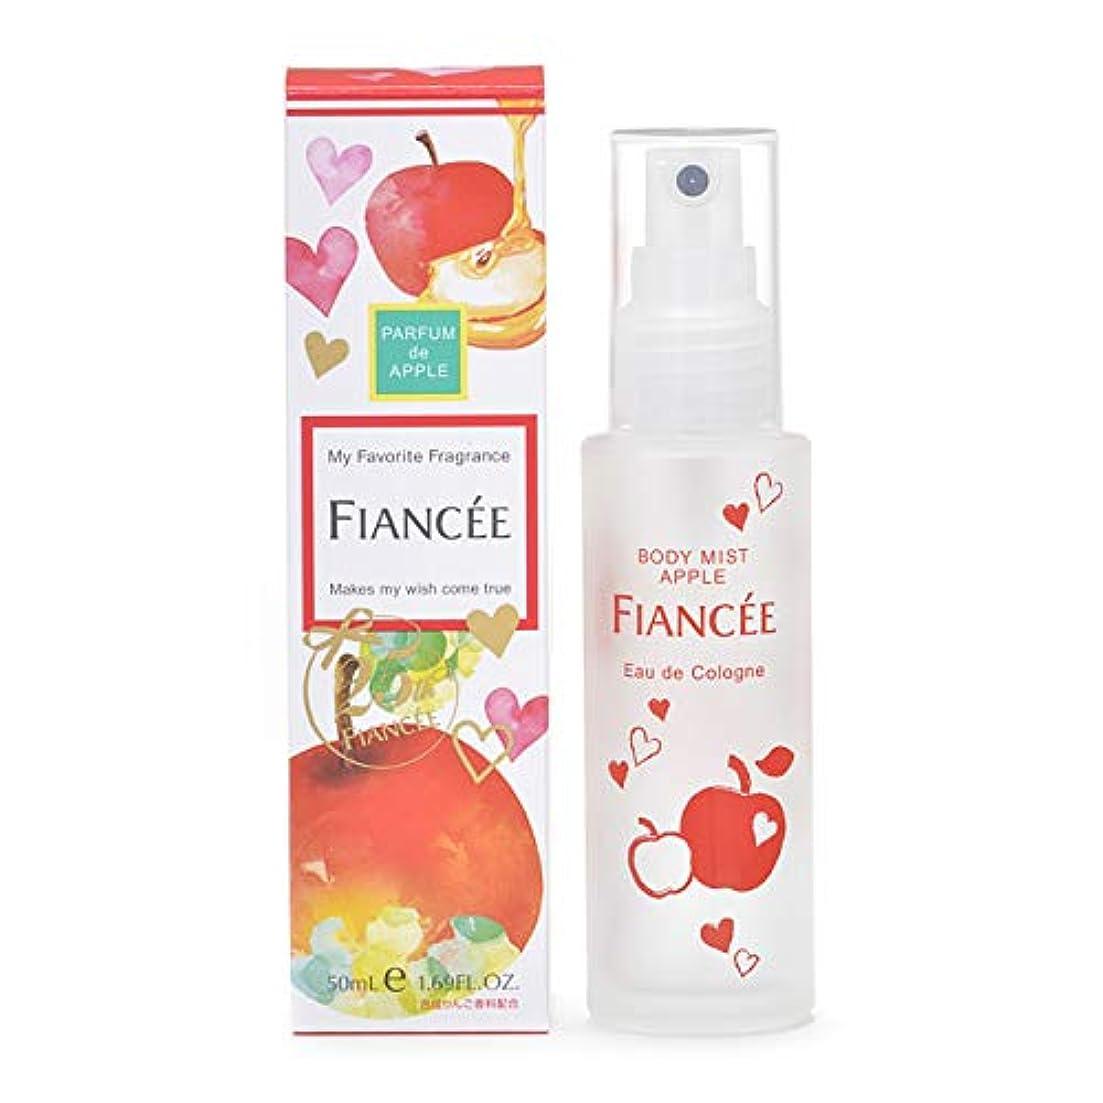 和解する効果的居住者フィアンセ ボディミスト 恋りんごの香り 【数量限定】